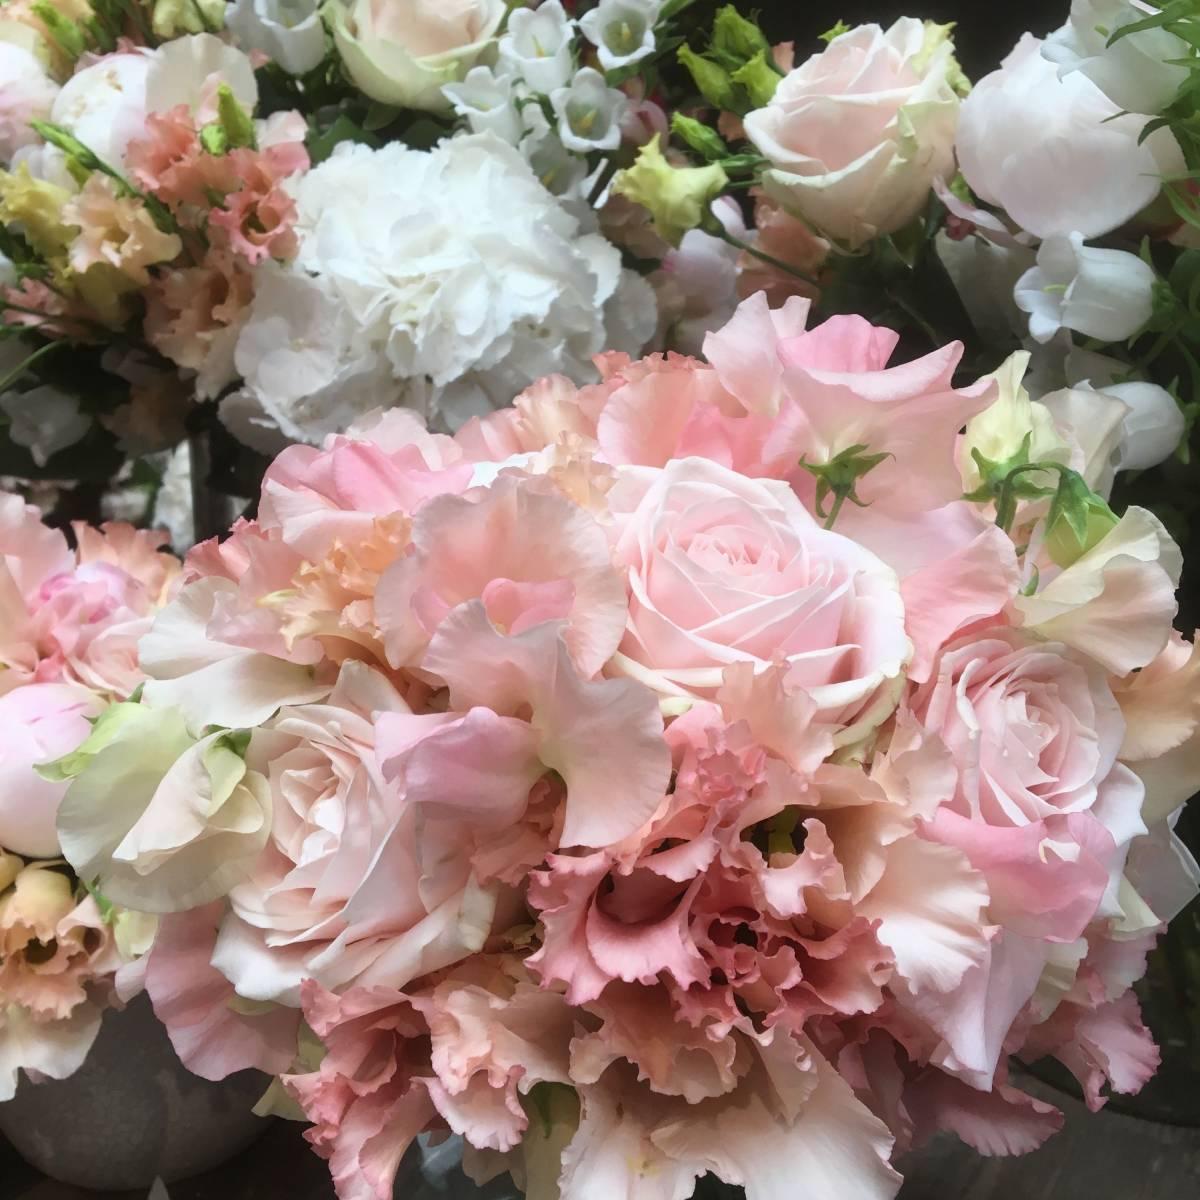 Young Amadeus - Bloemen - House of Weddings - 16